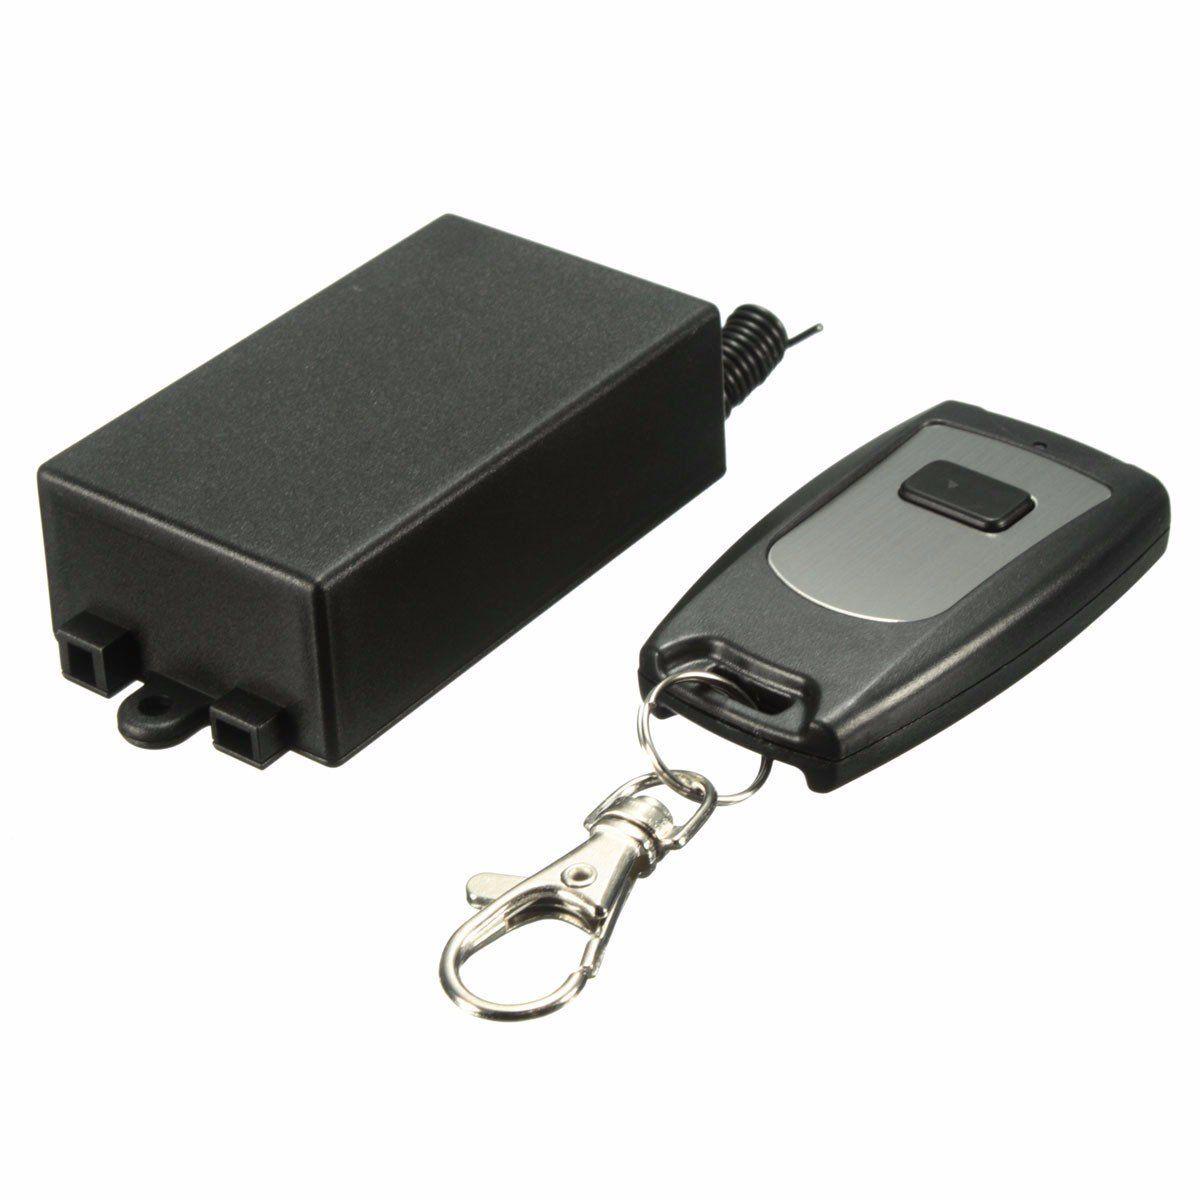 1ch 433mhz Wireless Rf Garage Door Remote Control Opener Receiver Transmitter Garage Door Remote Control Garage Door Remote Remote Control